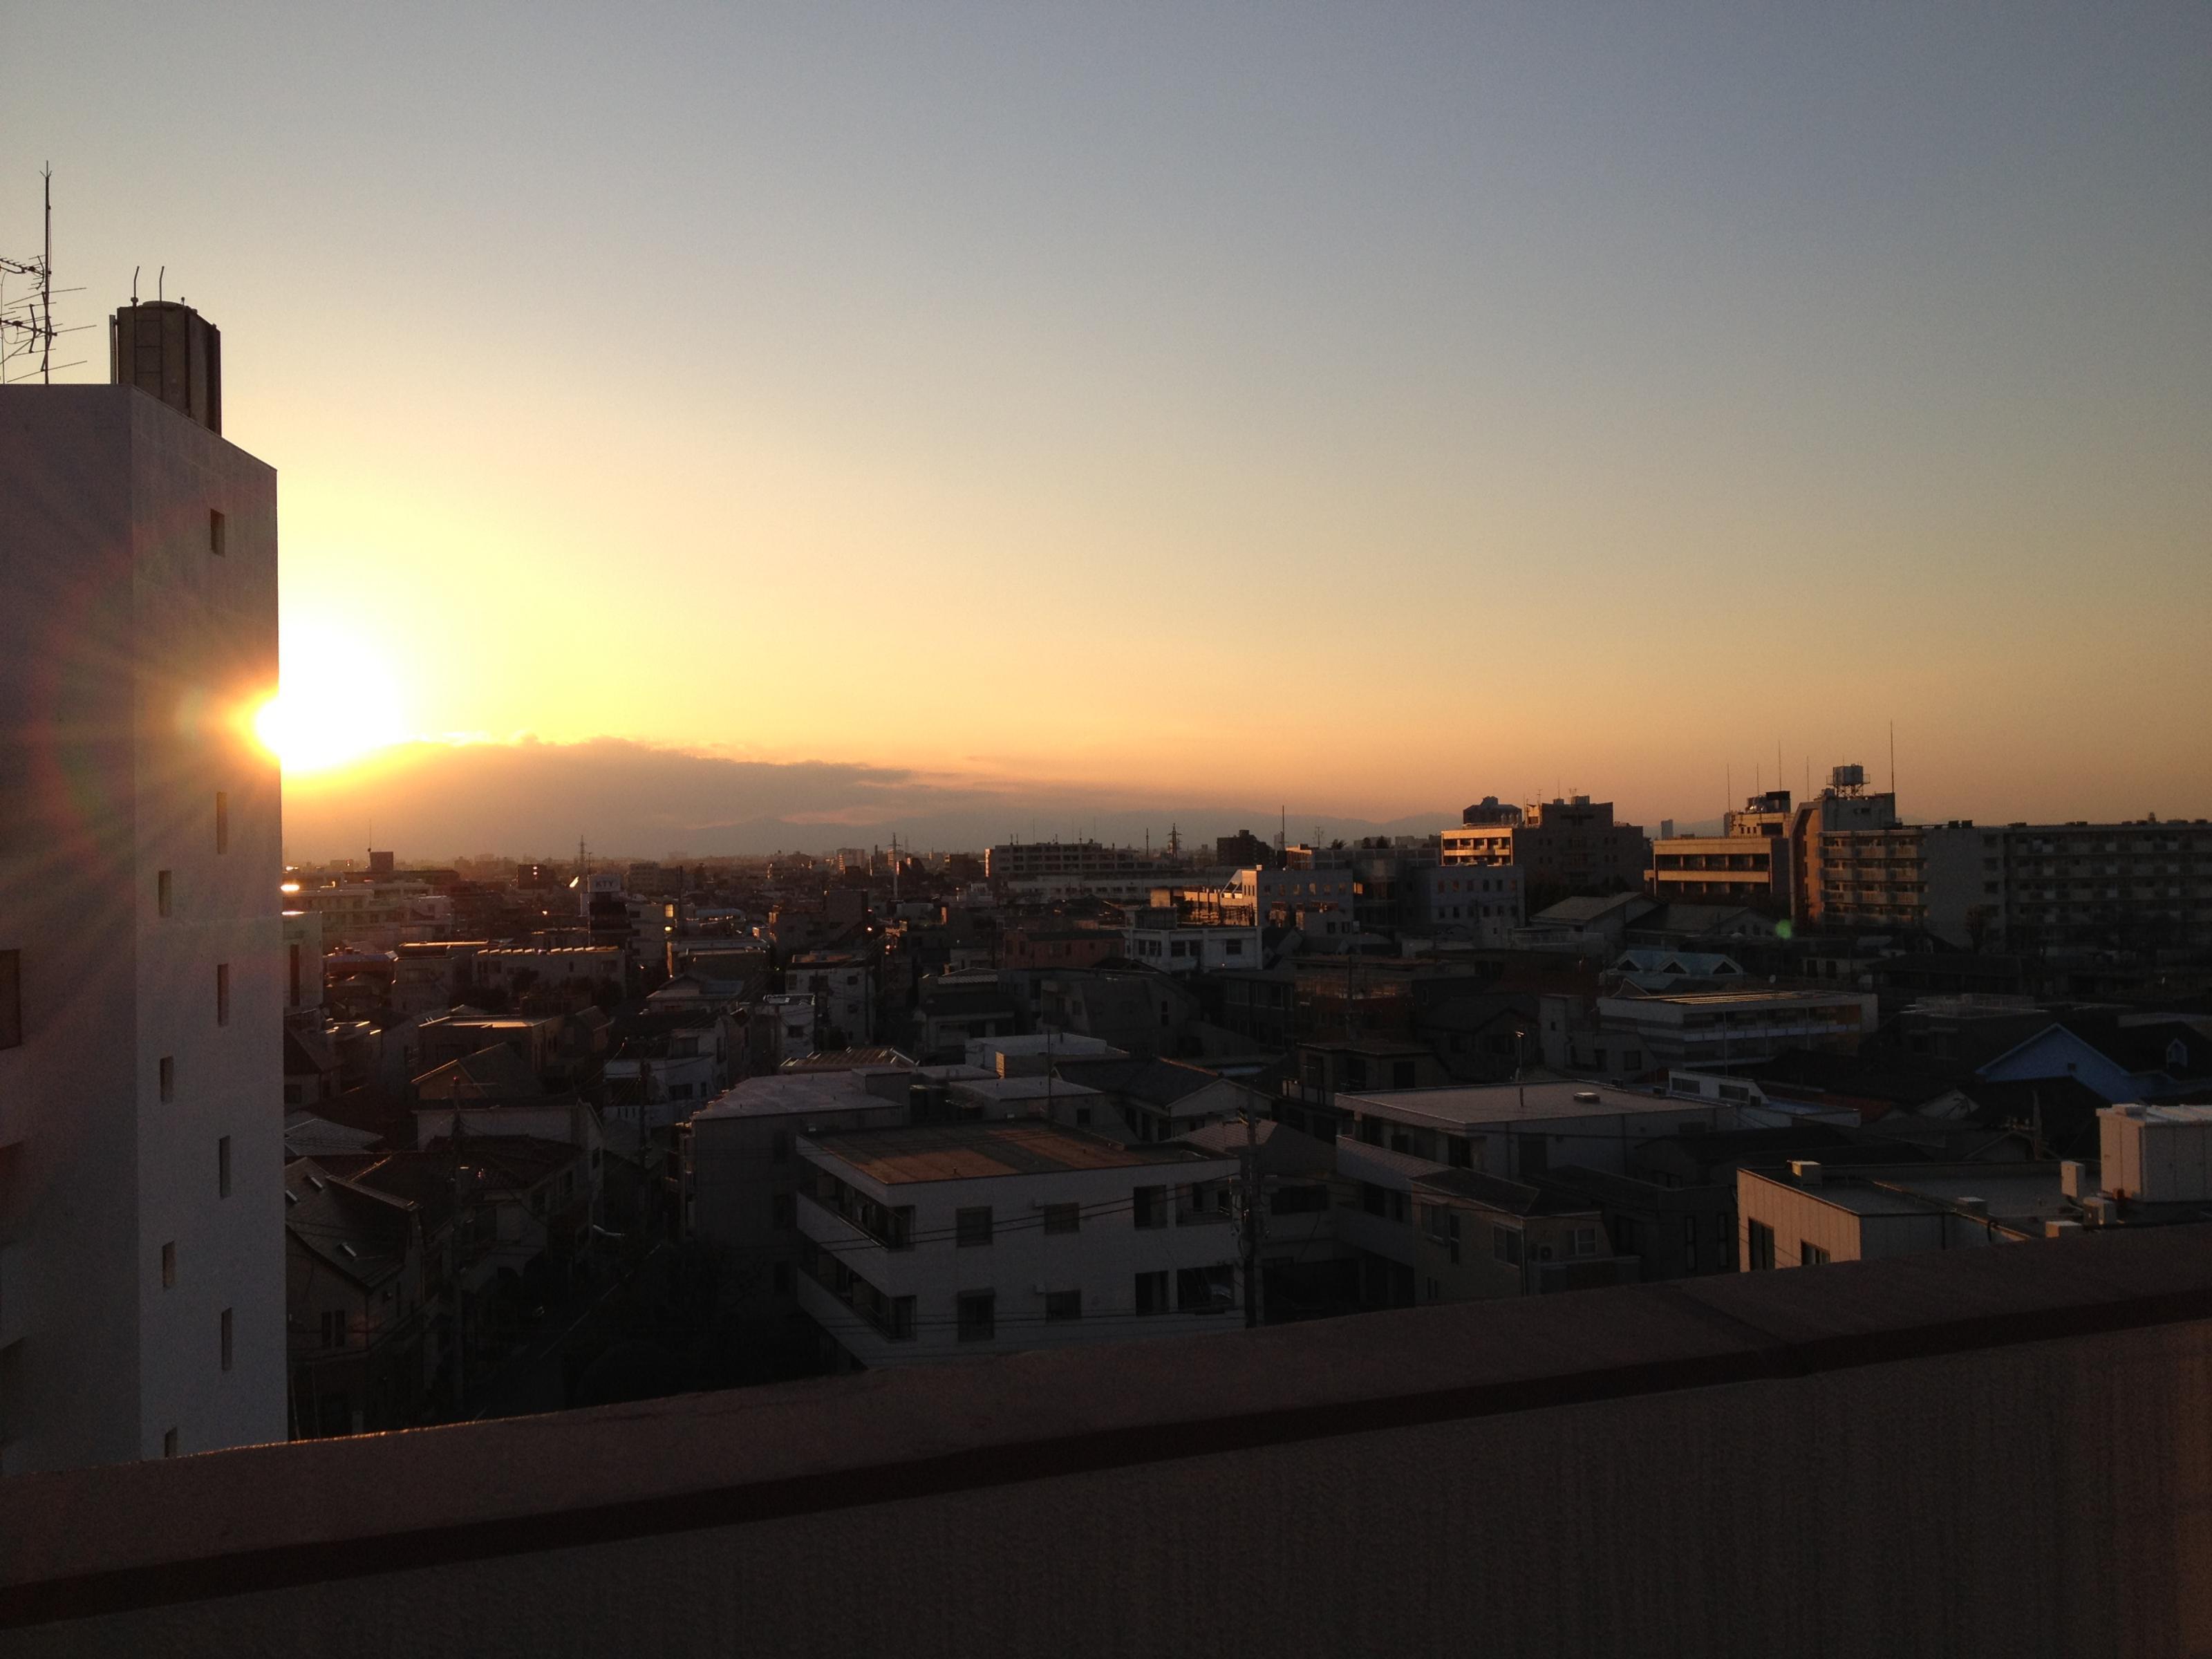 病院の屋上より夕陽を望む